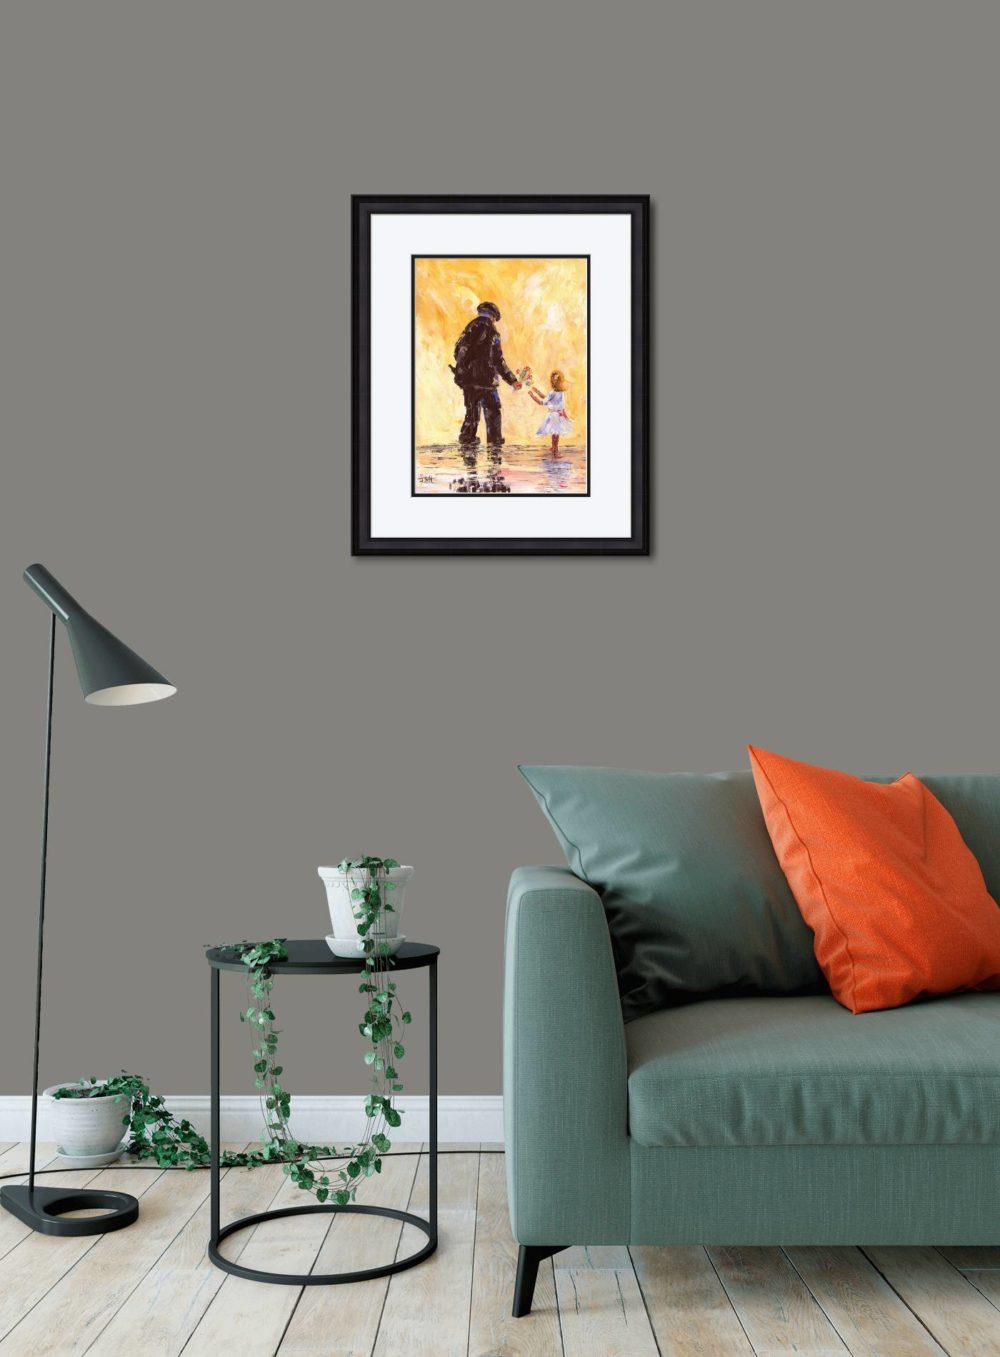 Granda's Girl Print (Medium) in Black Frame in Room